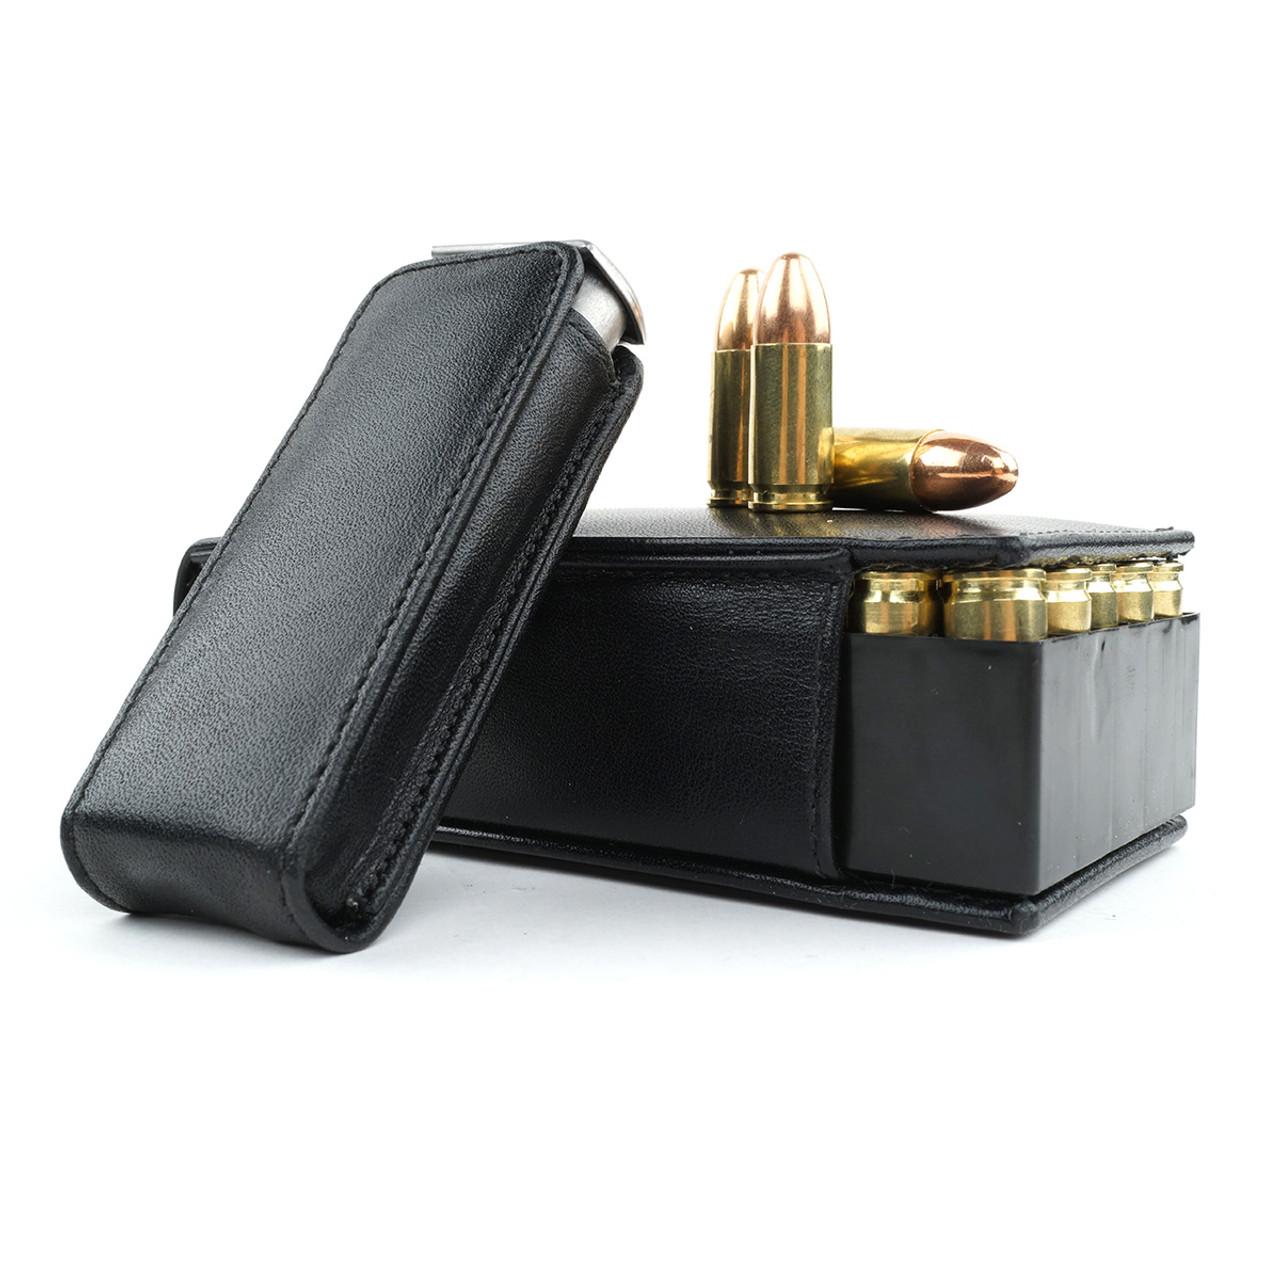 Colt Mustang Pocketlite Leather Bullet Brick